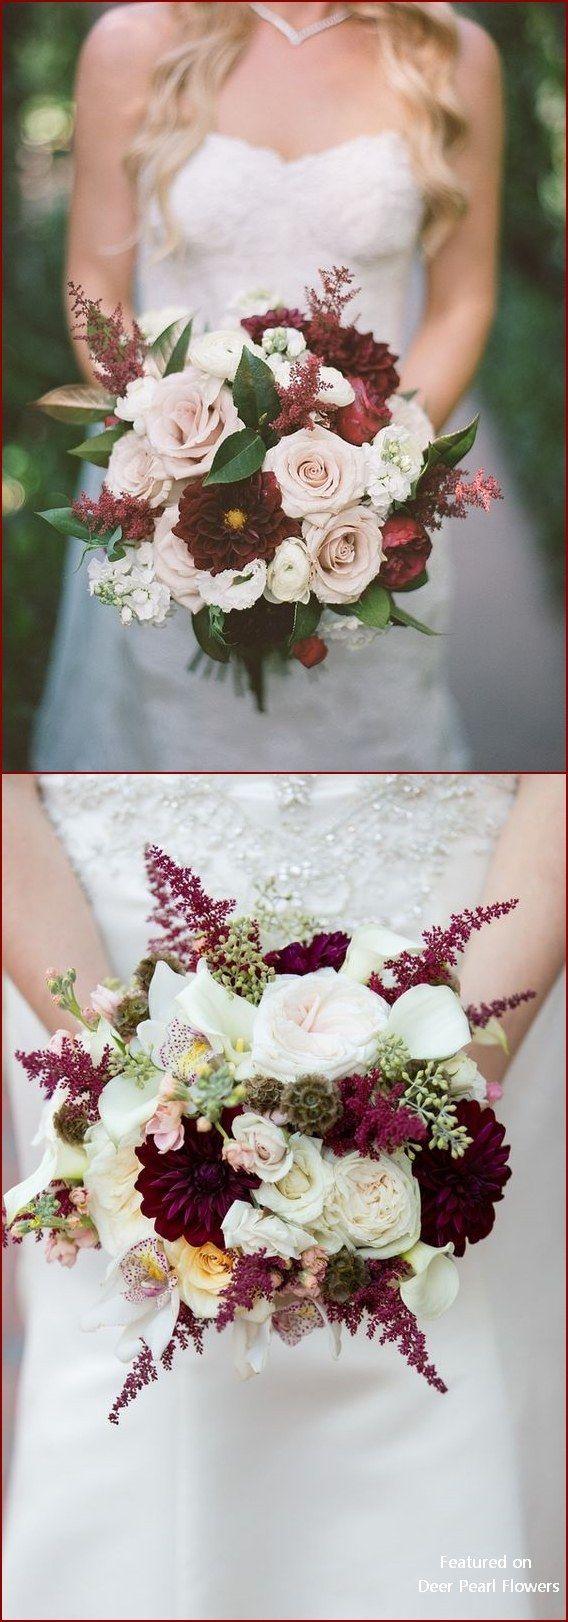 40 Burgundy Wedding Ideas For Fall And Winter Weddings Wedding